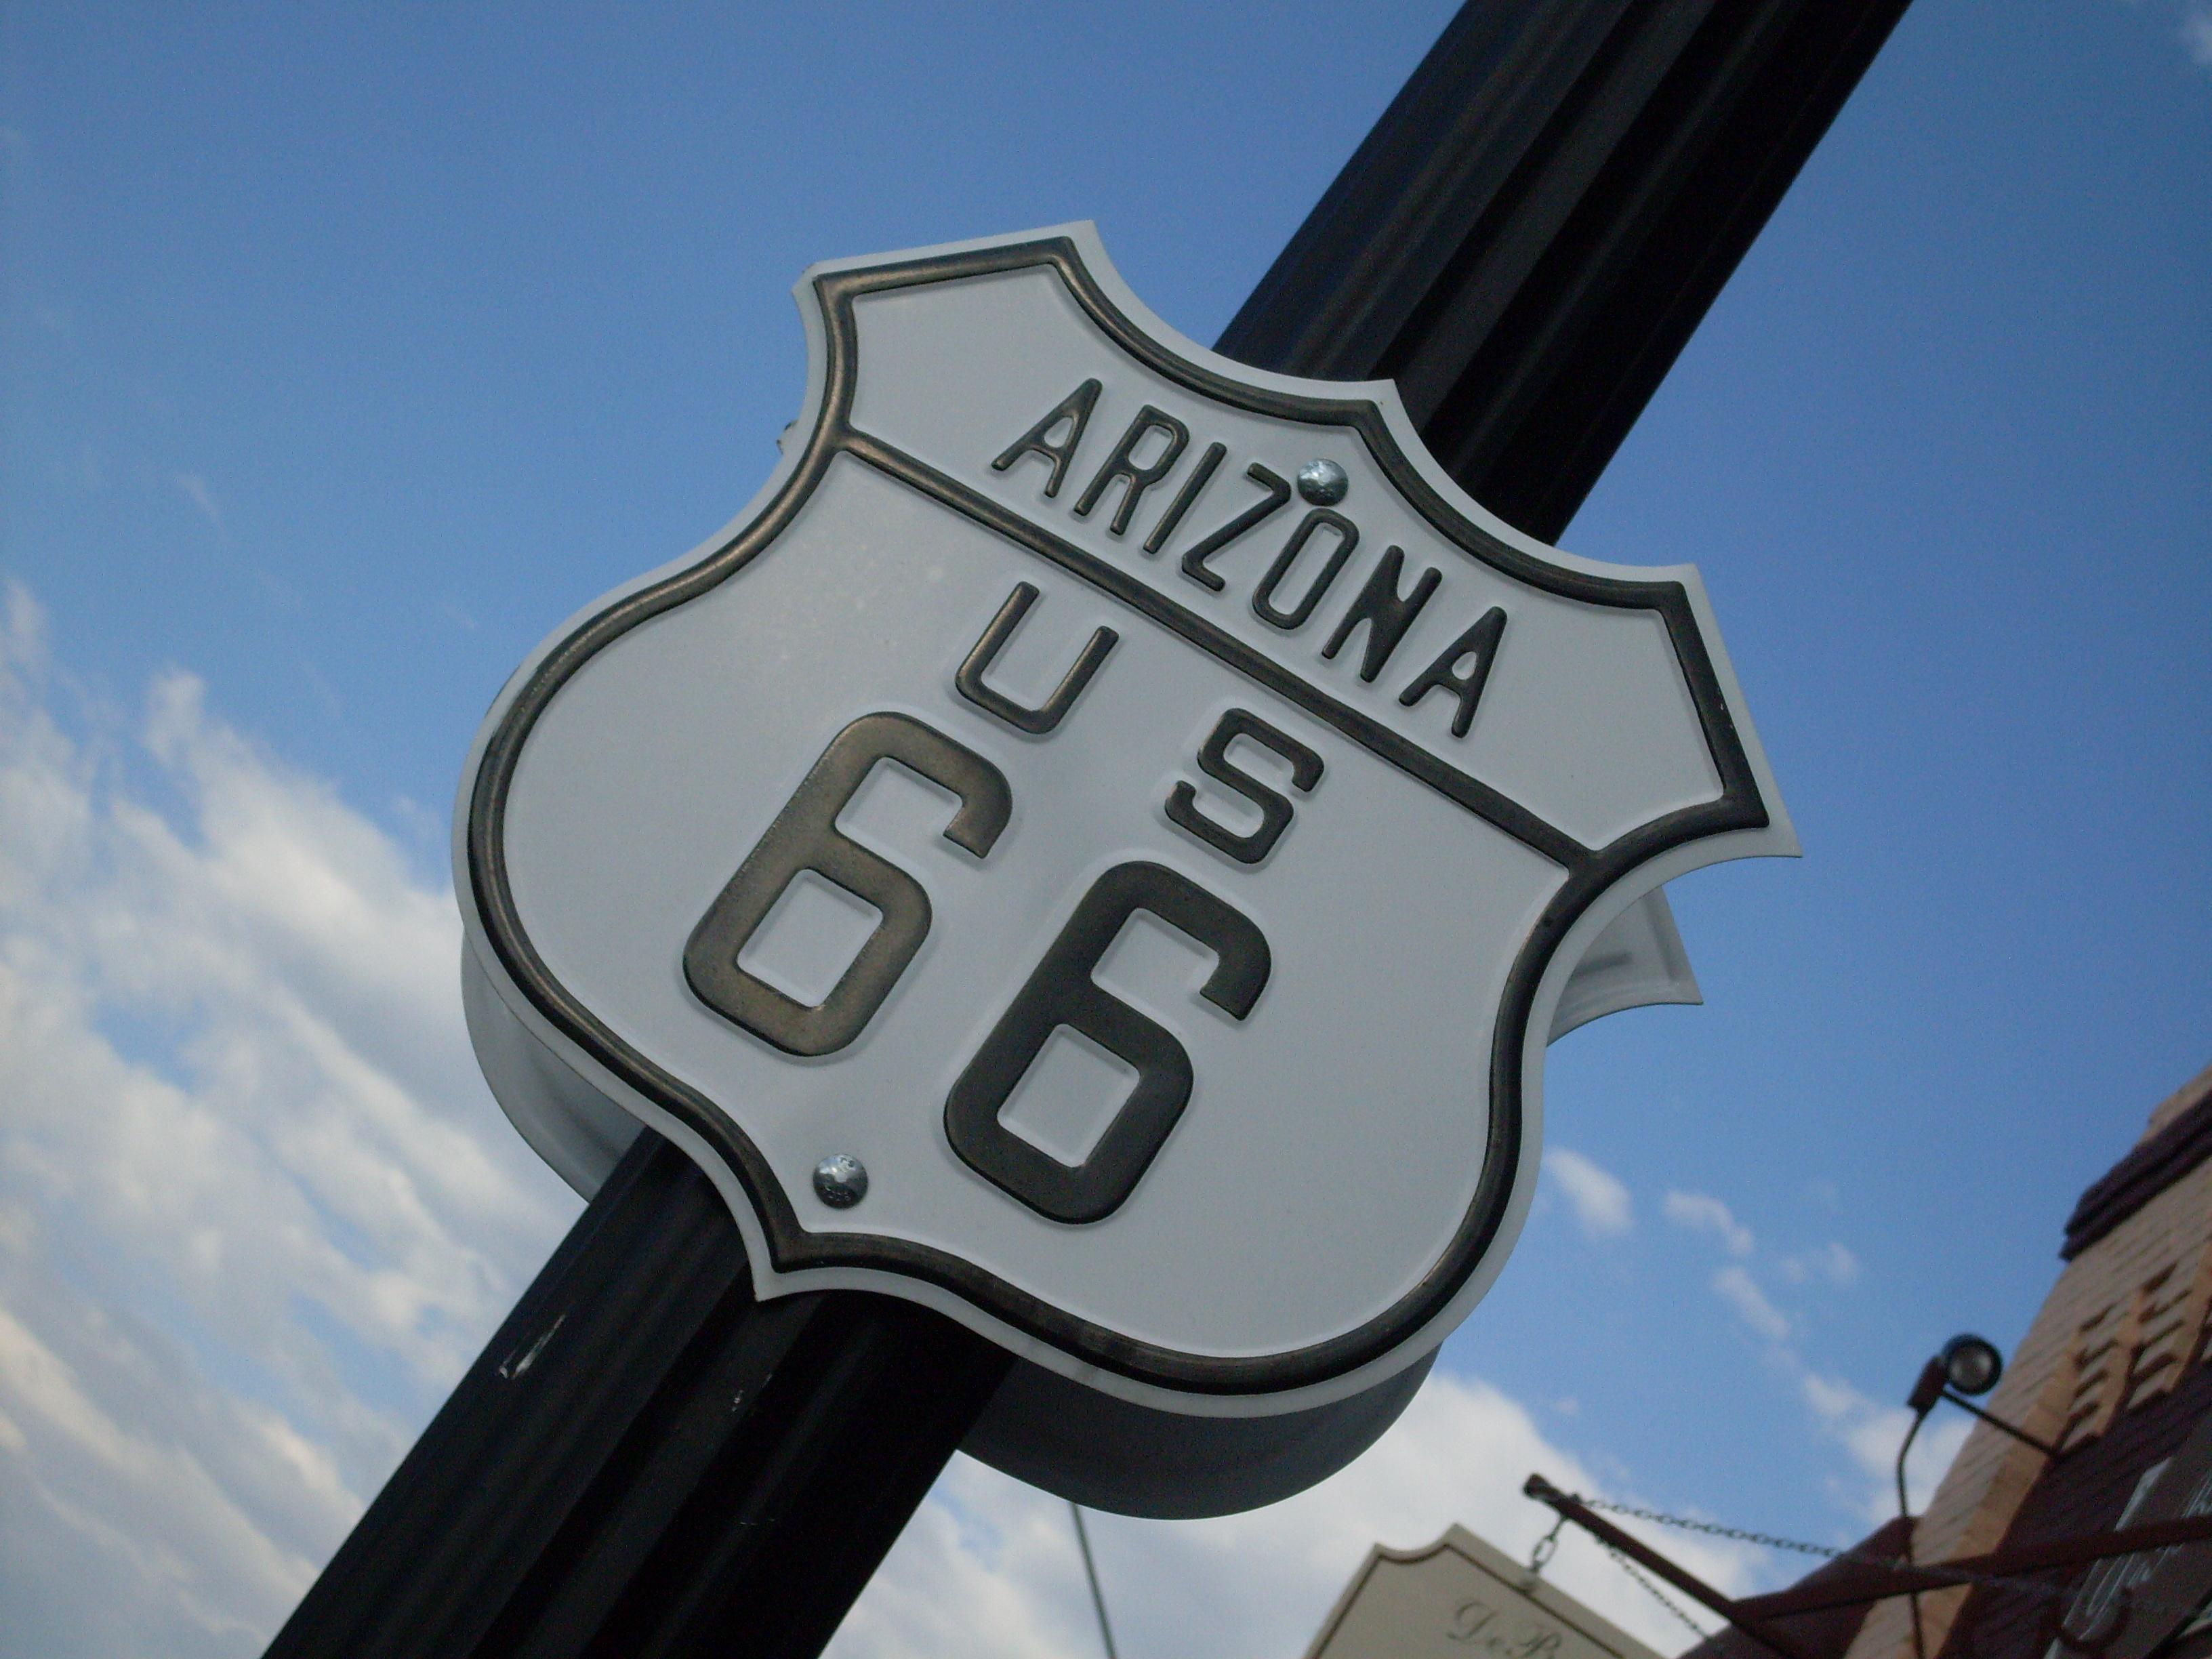 Panneau route 66, Arizona, Etats-Unis